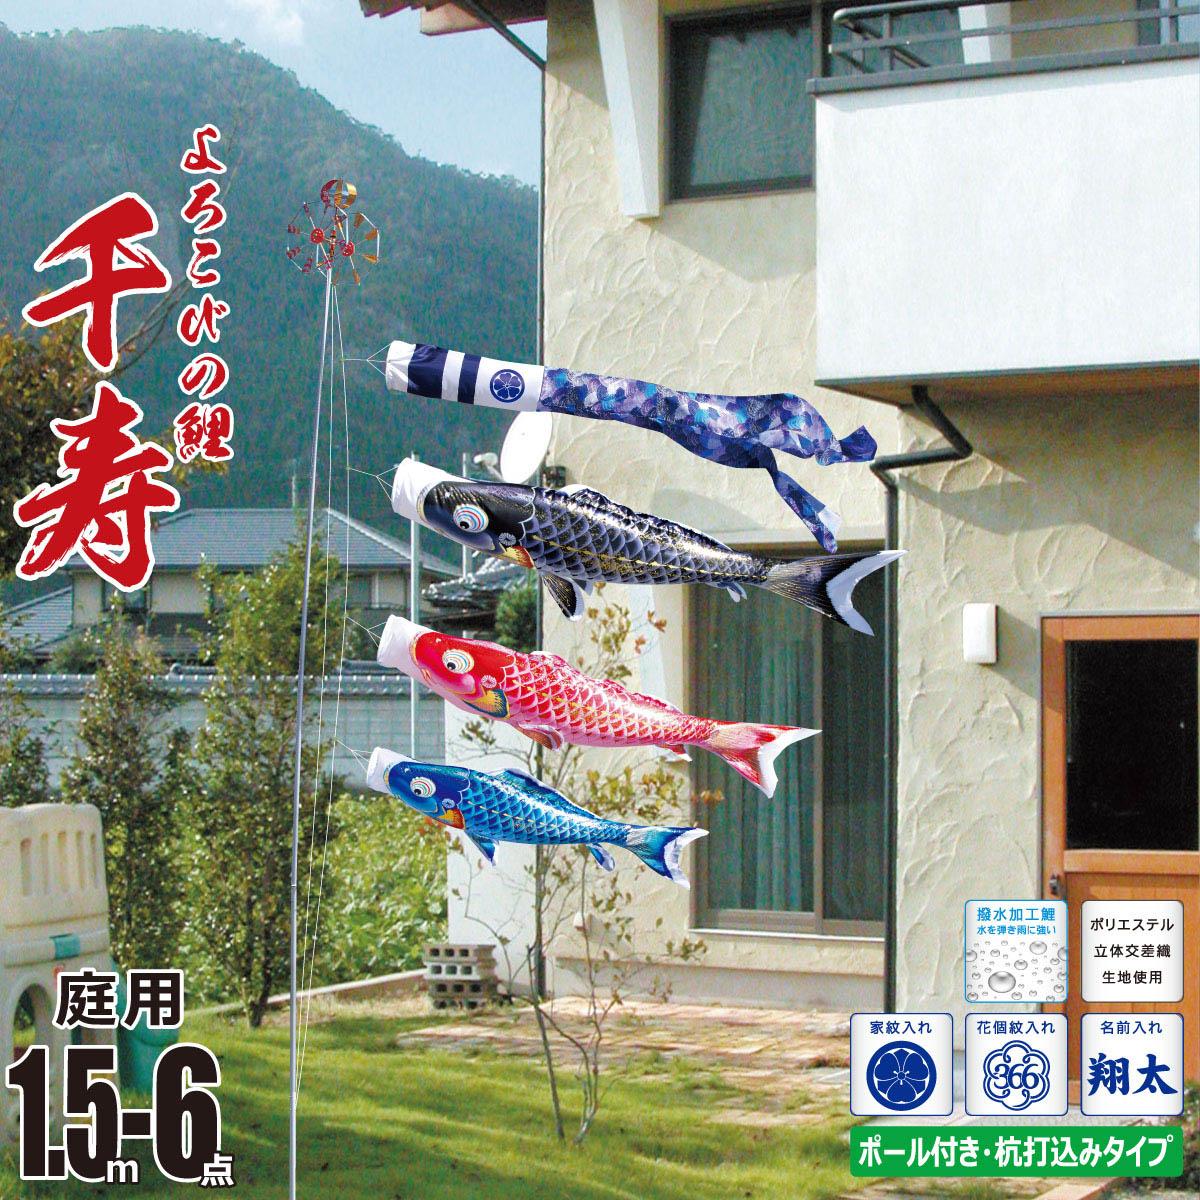 こいのぼり 1.5m 千寿 6点 (矢車、ロープ、吹流し、鯉3匹) 庭園用 ガーデンセット (専用ポール一式) 徳永鯉のぼり KIT-118-531